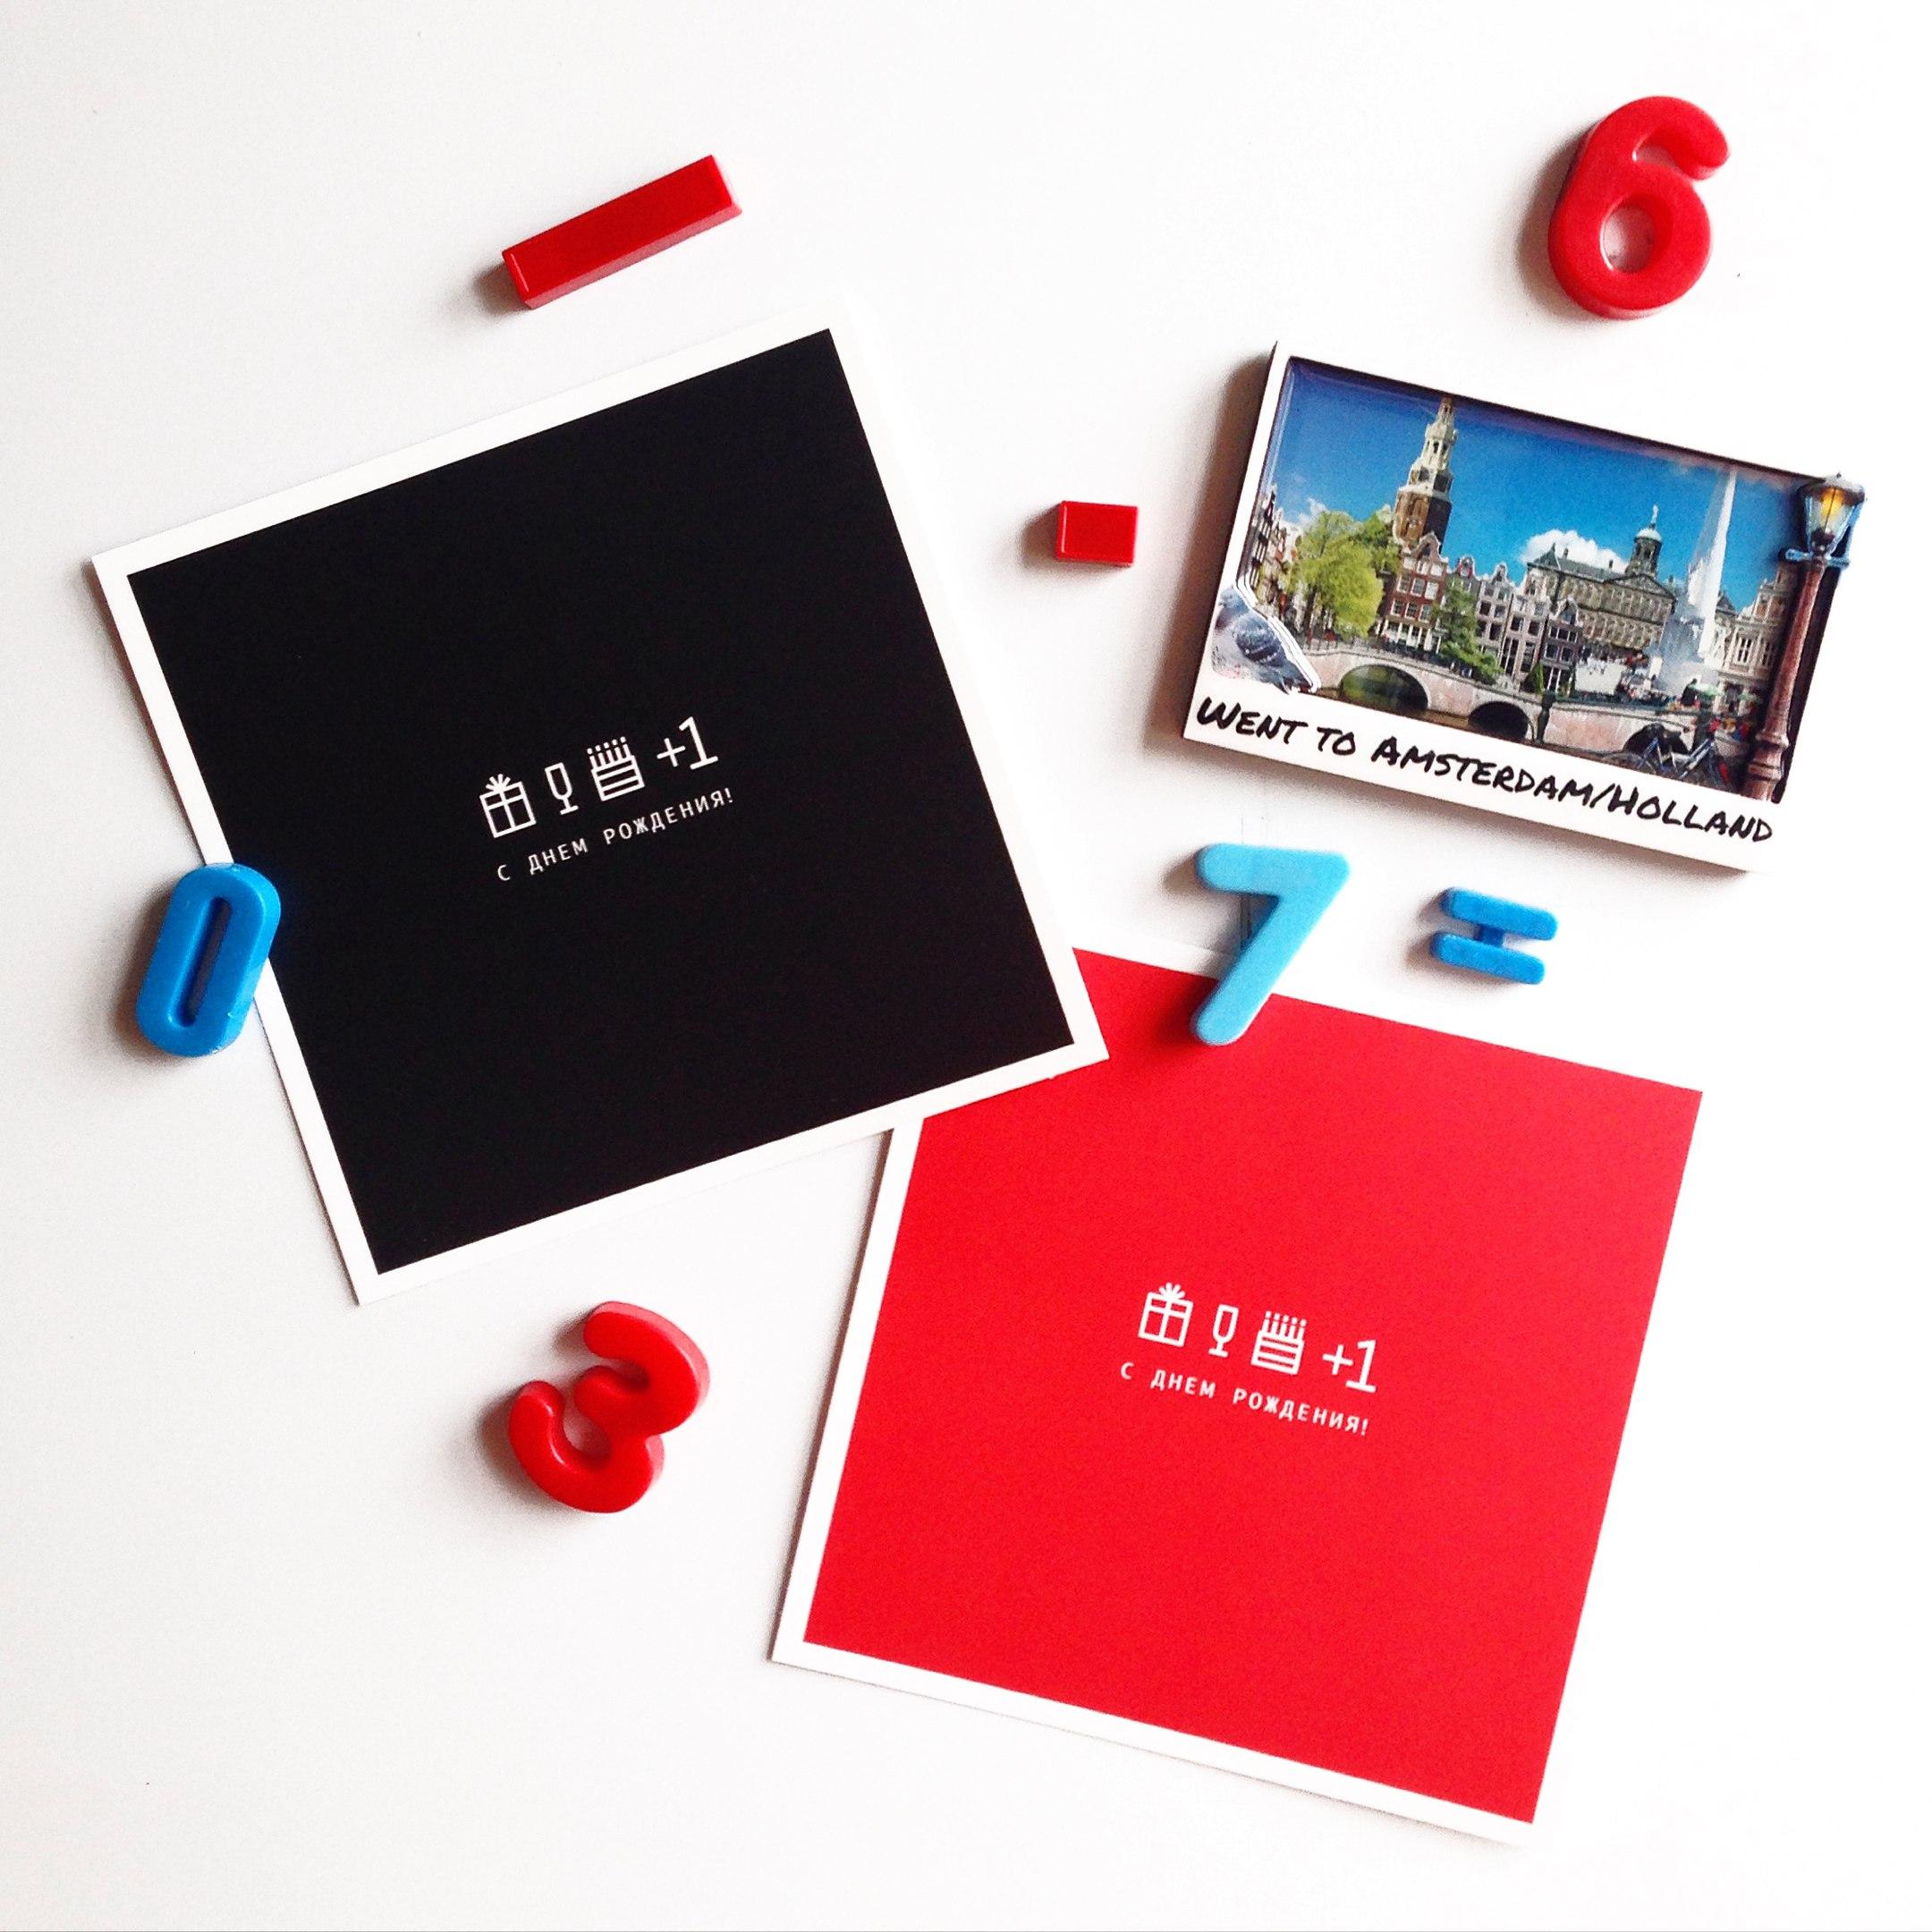 открытка на день рождения красная и черная